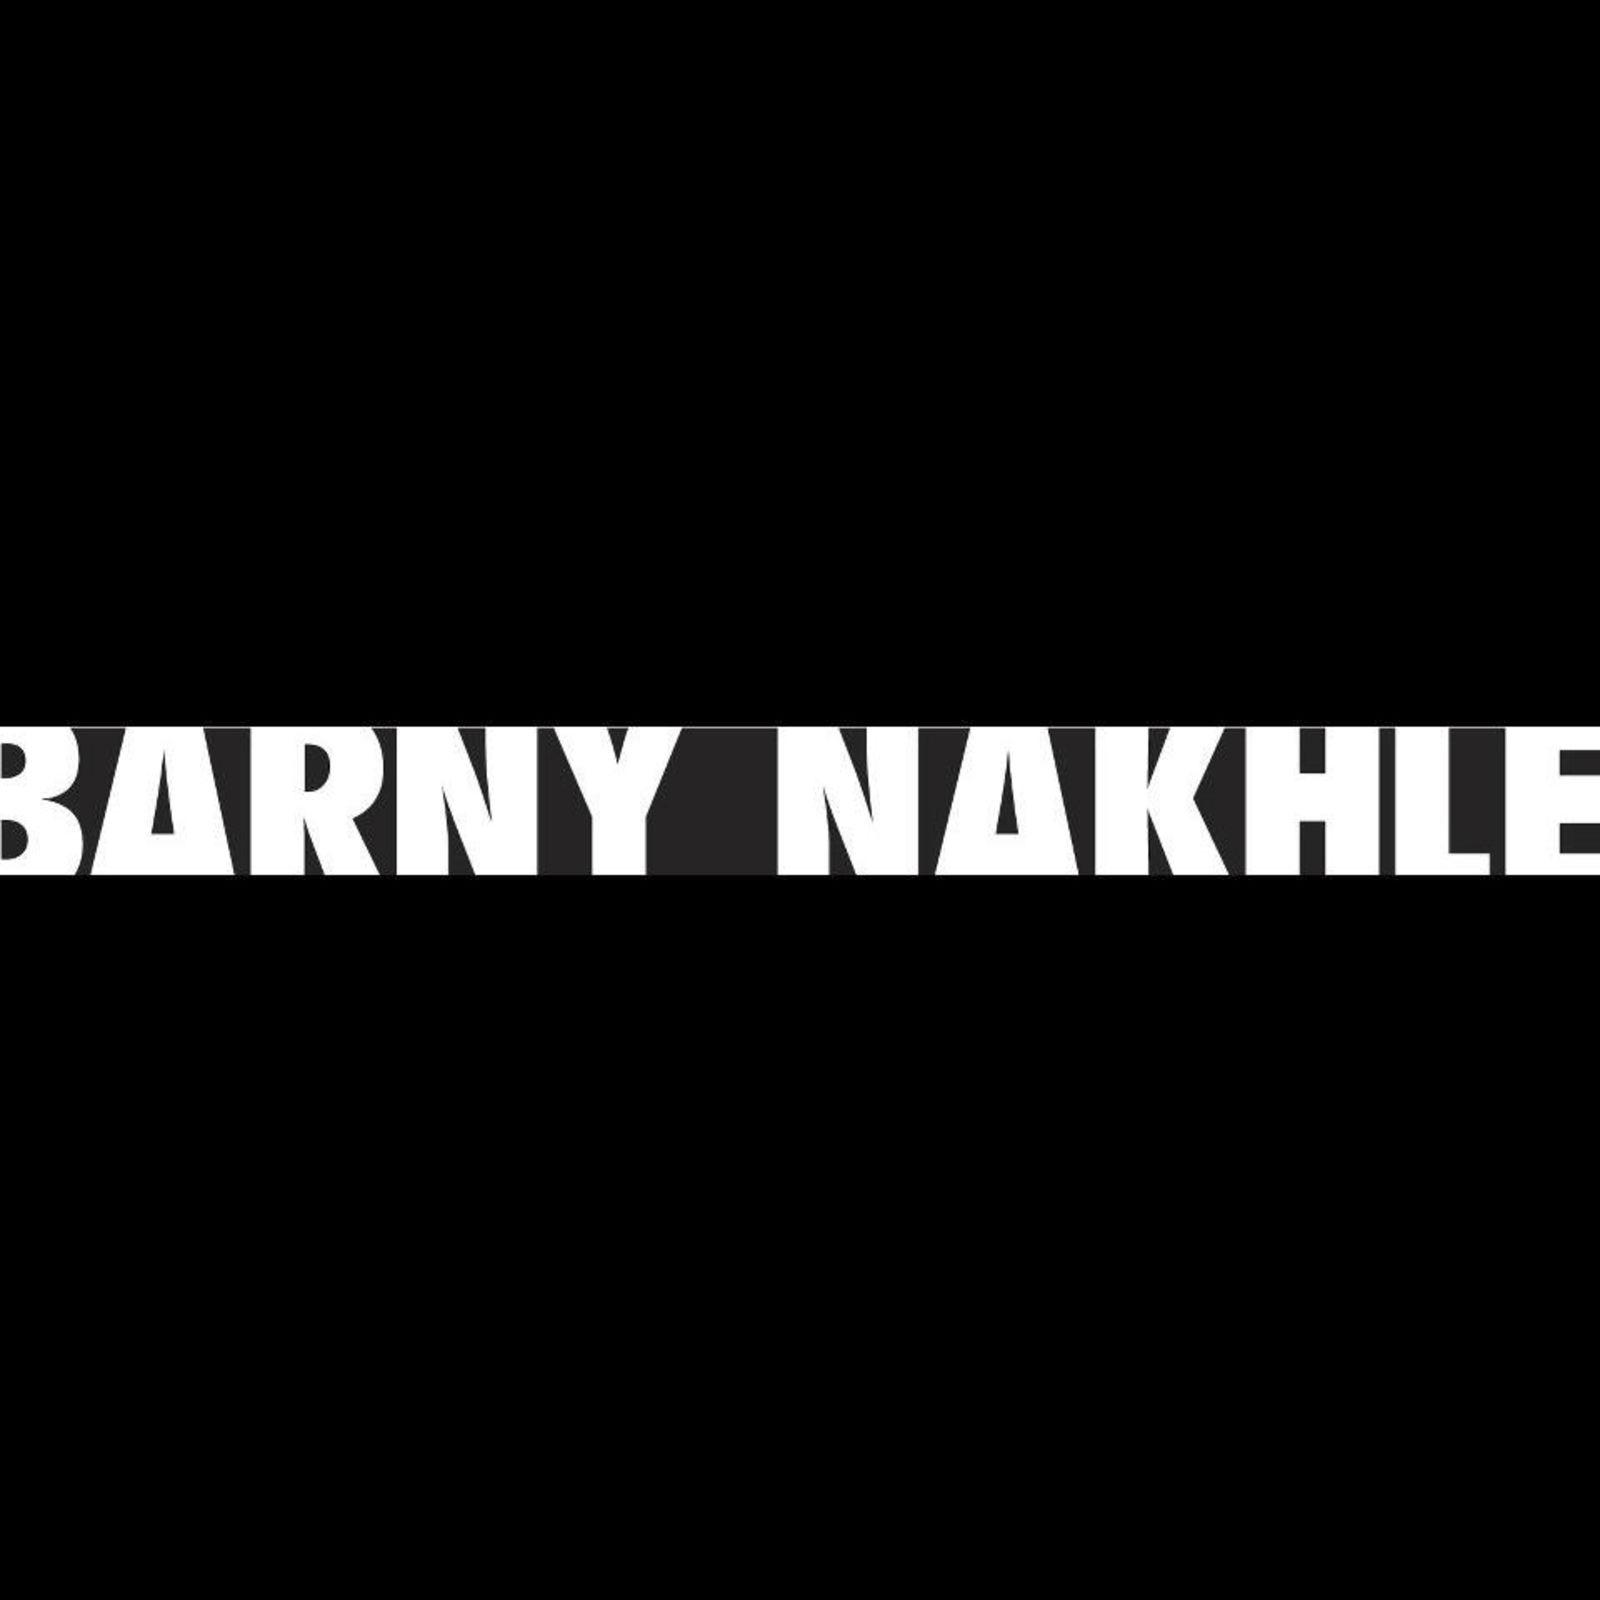 BARNY NAKHLE